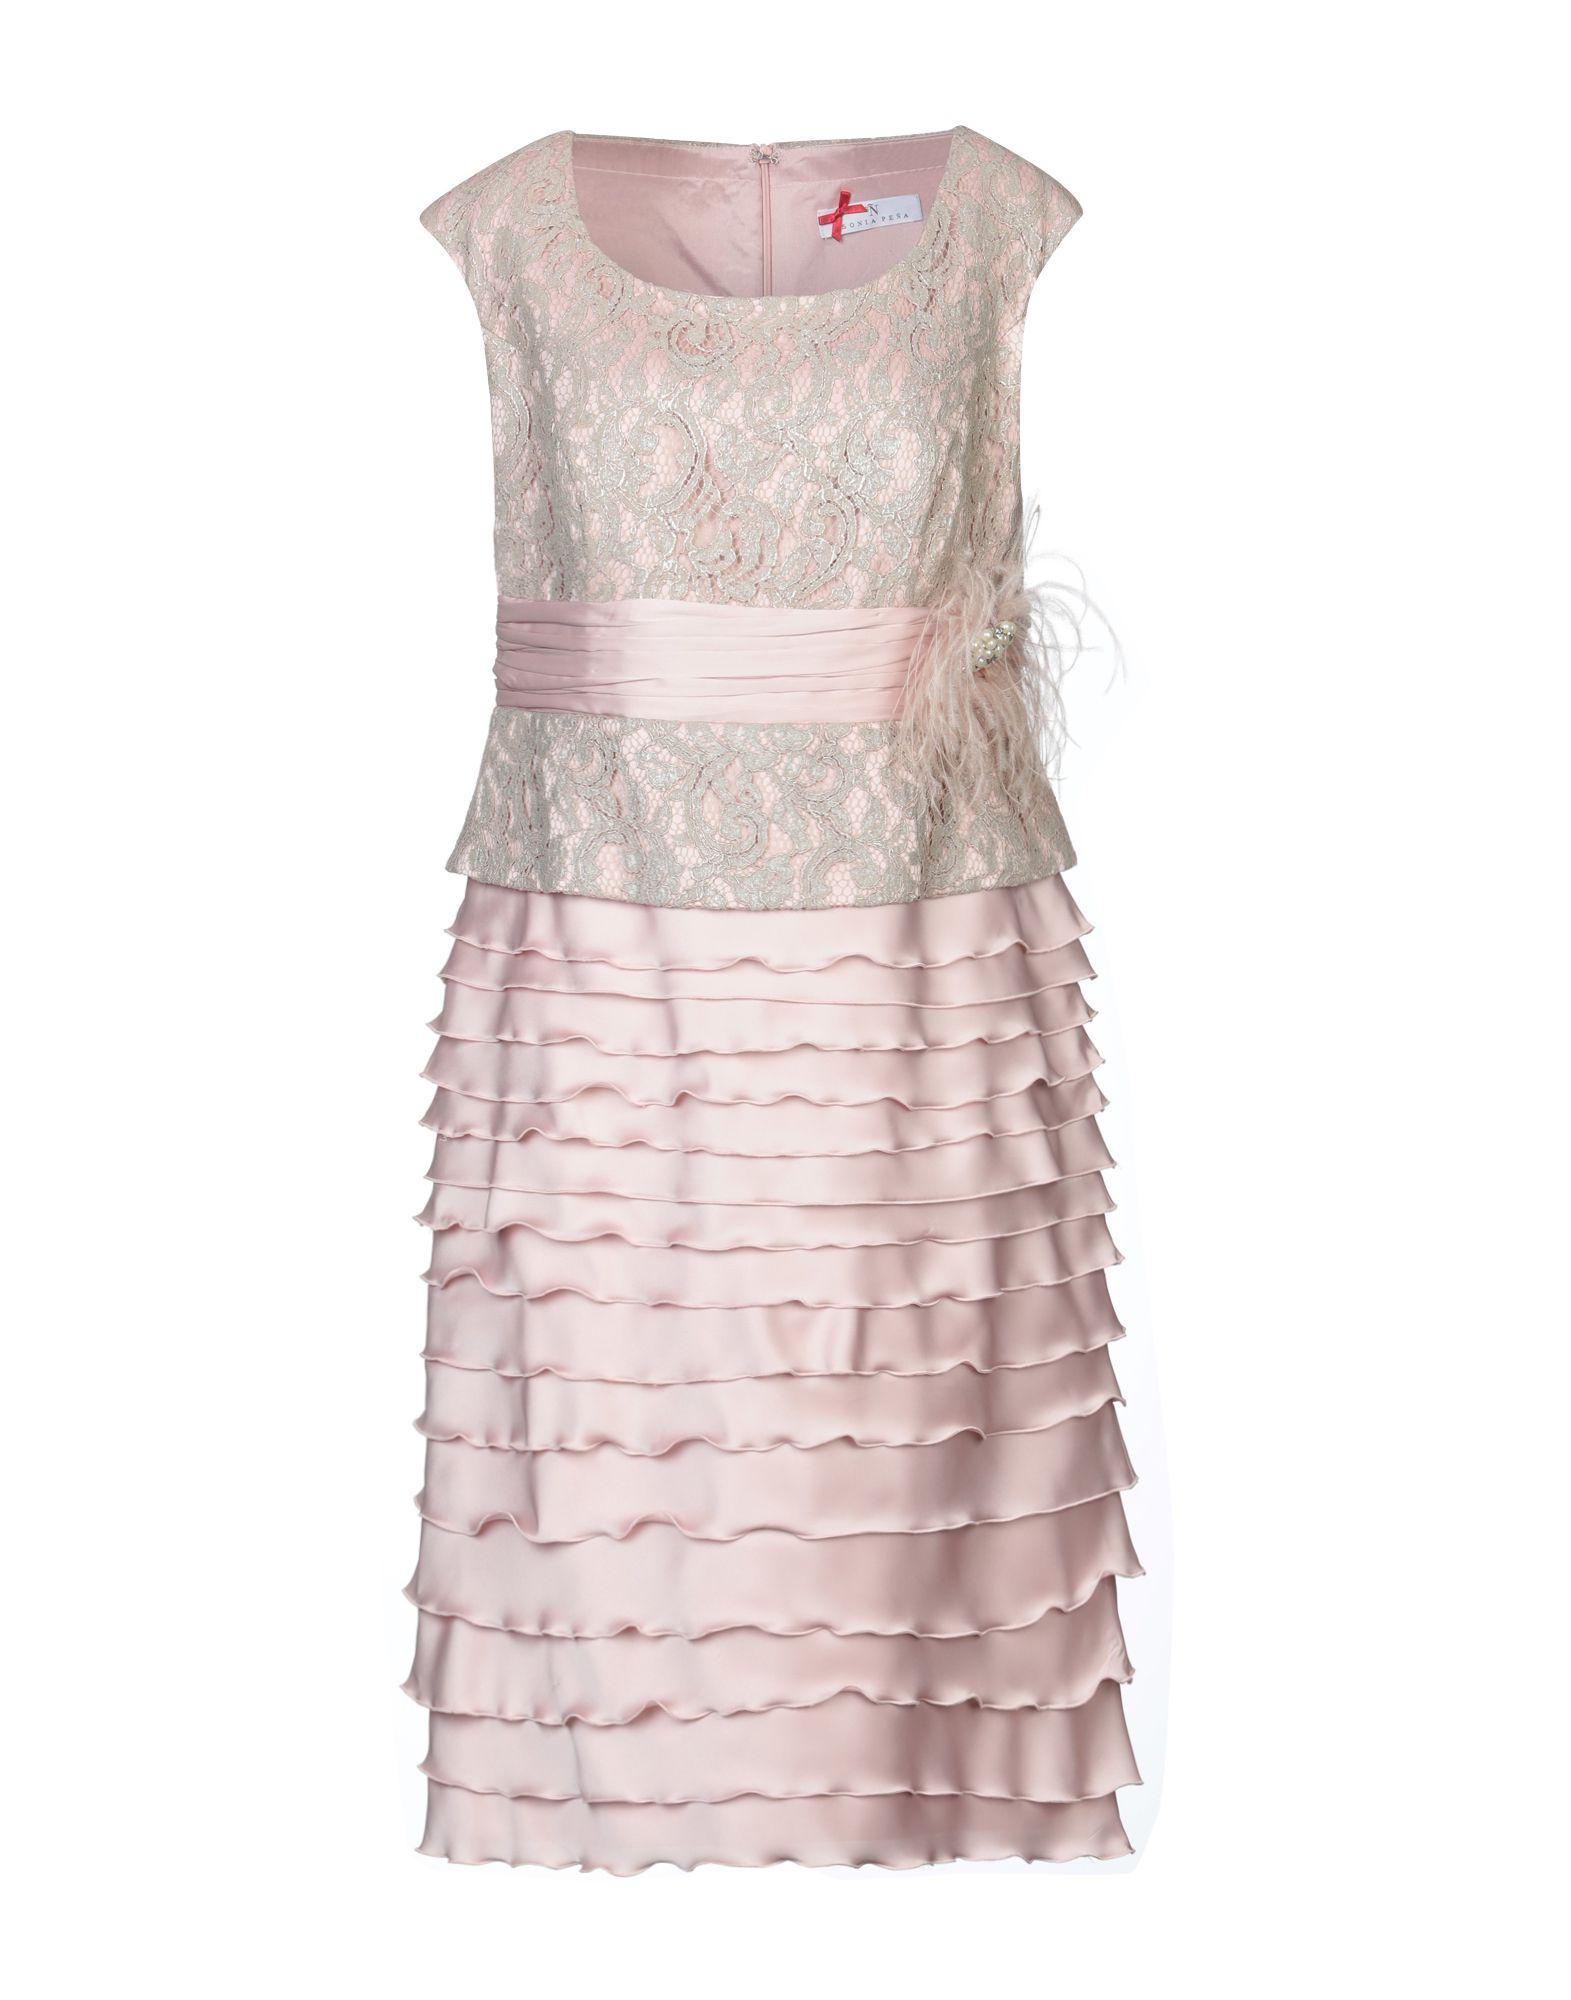 5a15c74cf4808f sÑ sonia peÑa knee length dresses for women - Buy best women s sÑ sonia  peÑa knee length dresses on Cools.com Shop